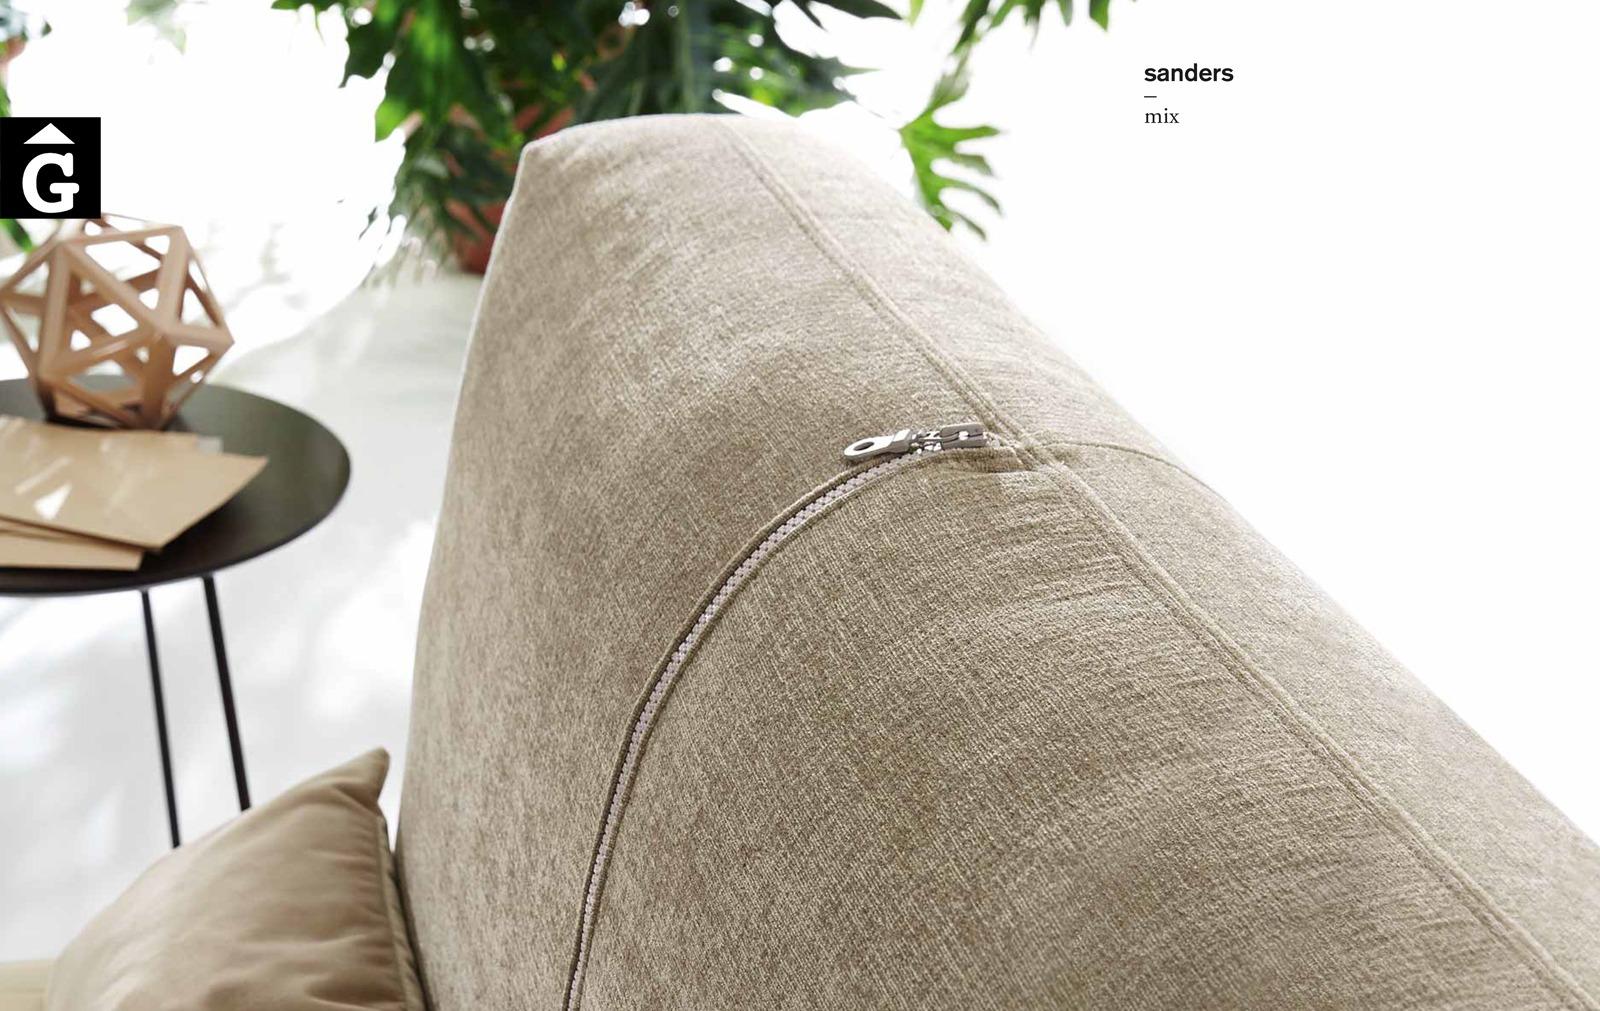 Sanders llit entapissat detall capçal imatge - Ditre Italia llits entapissats disseny i qualitat alta by mobles Gifreu